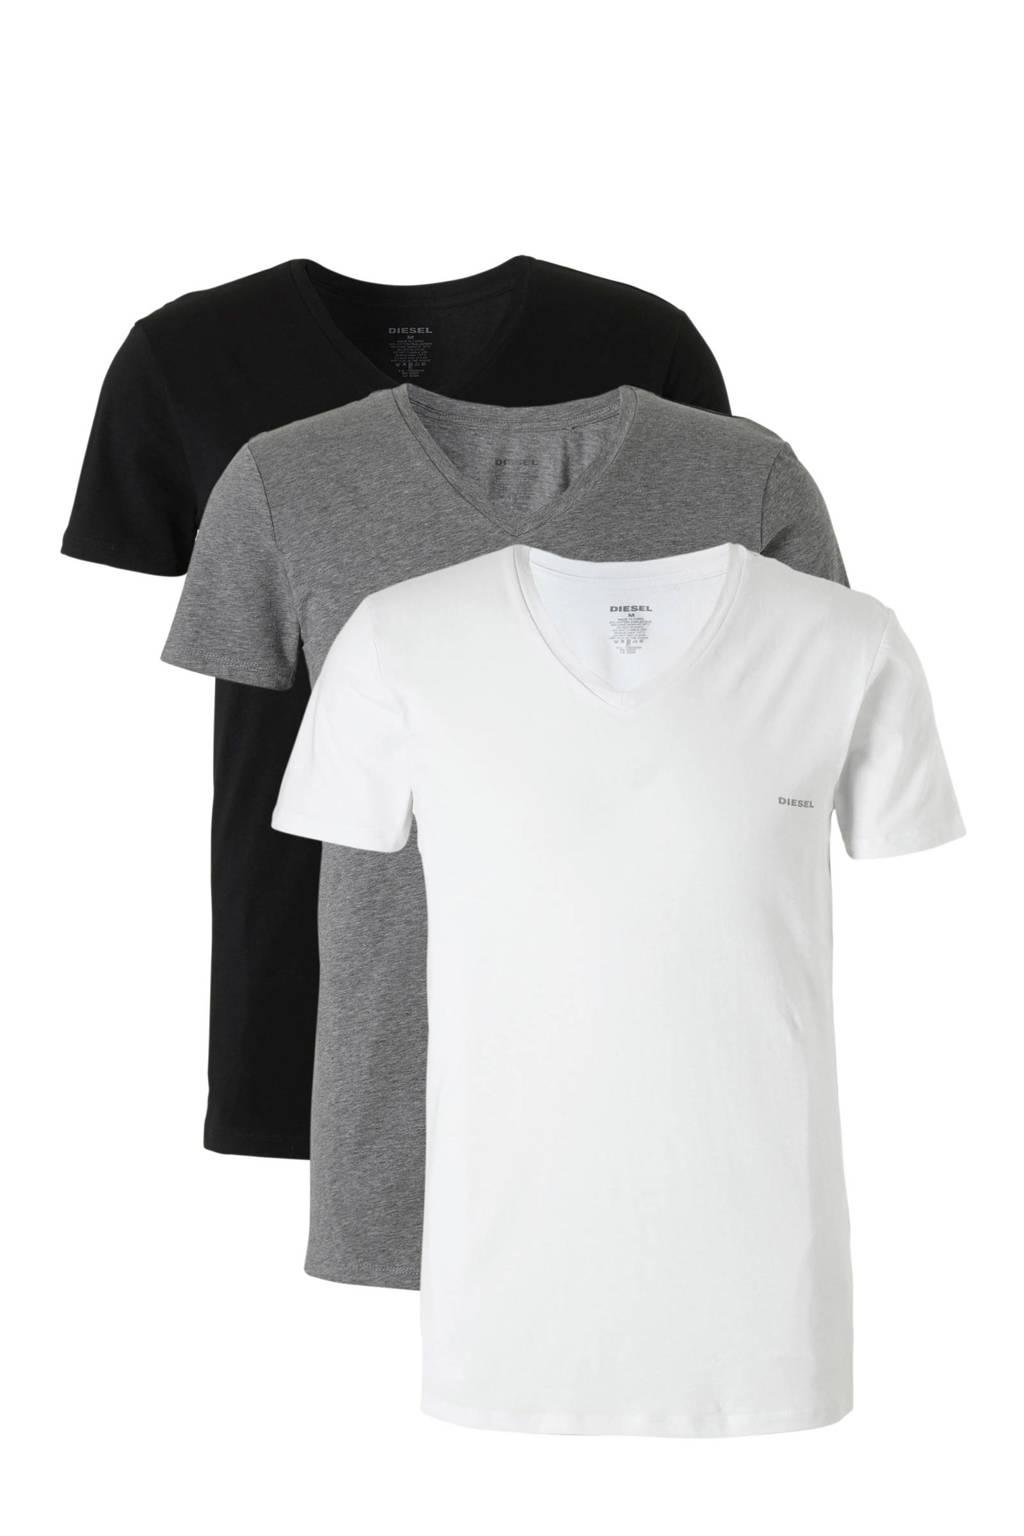 Diesel T-shirt (set van 3), Zwart / wit / grijs